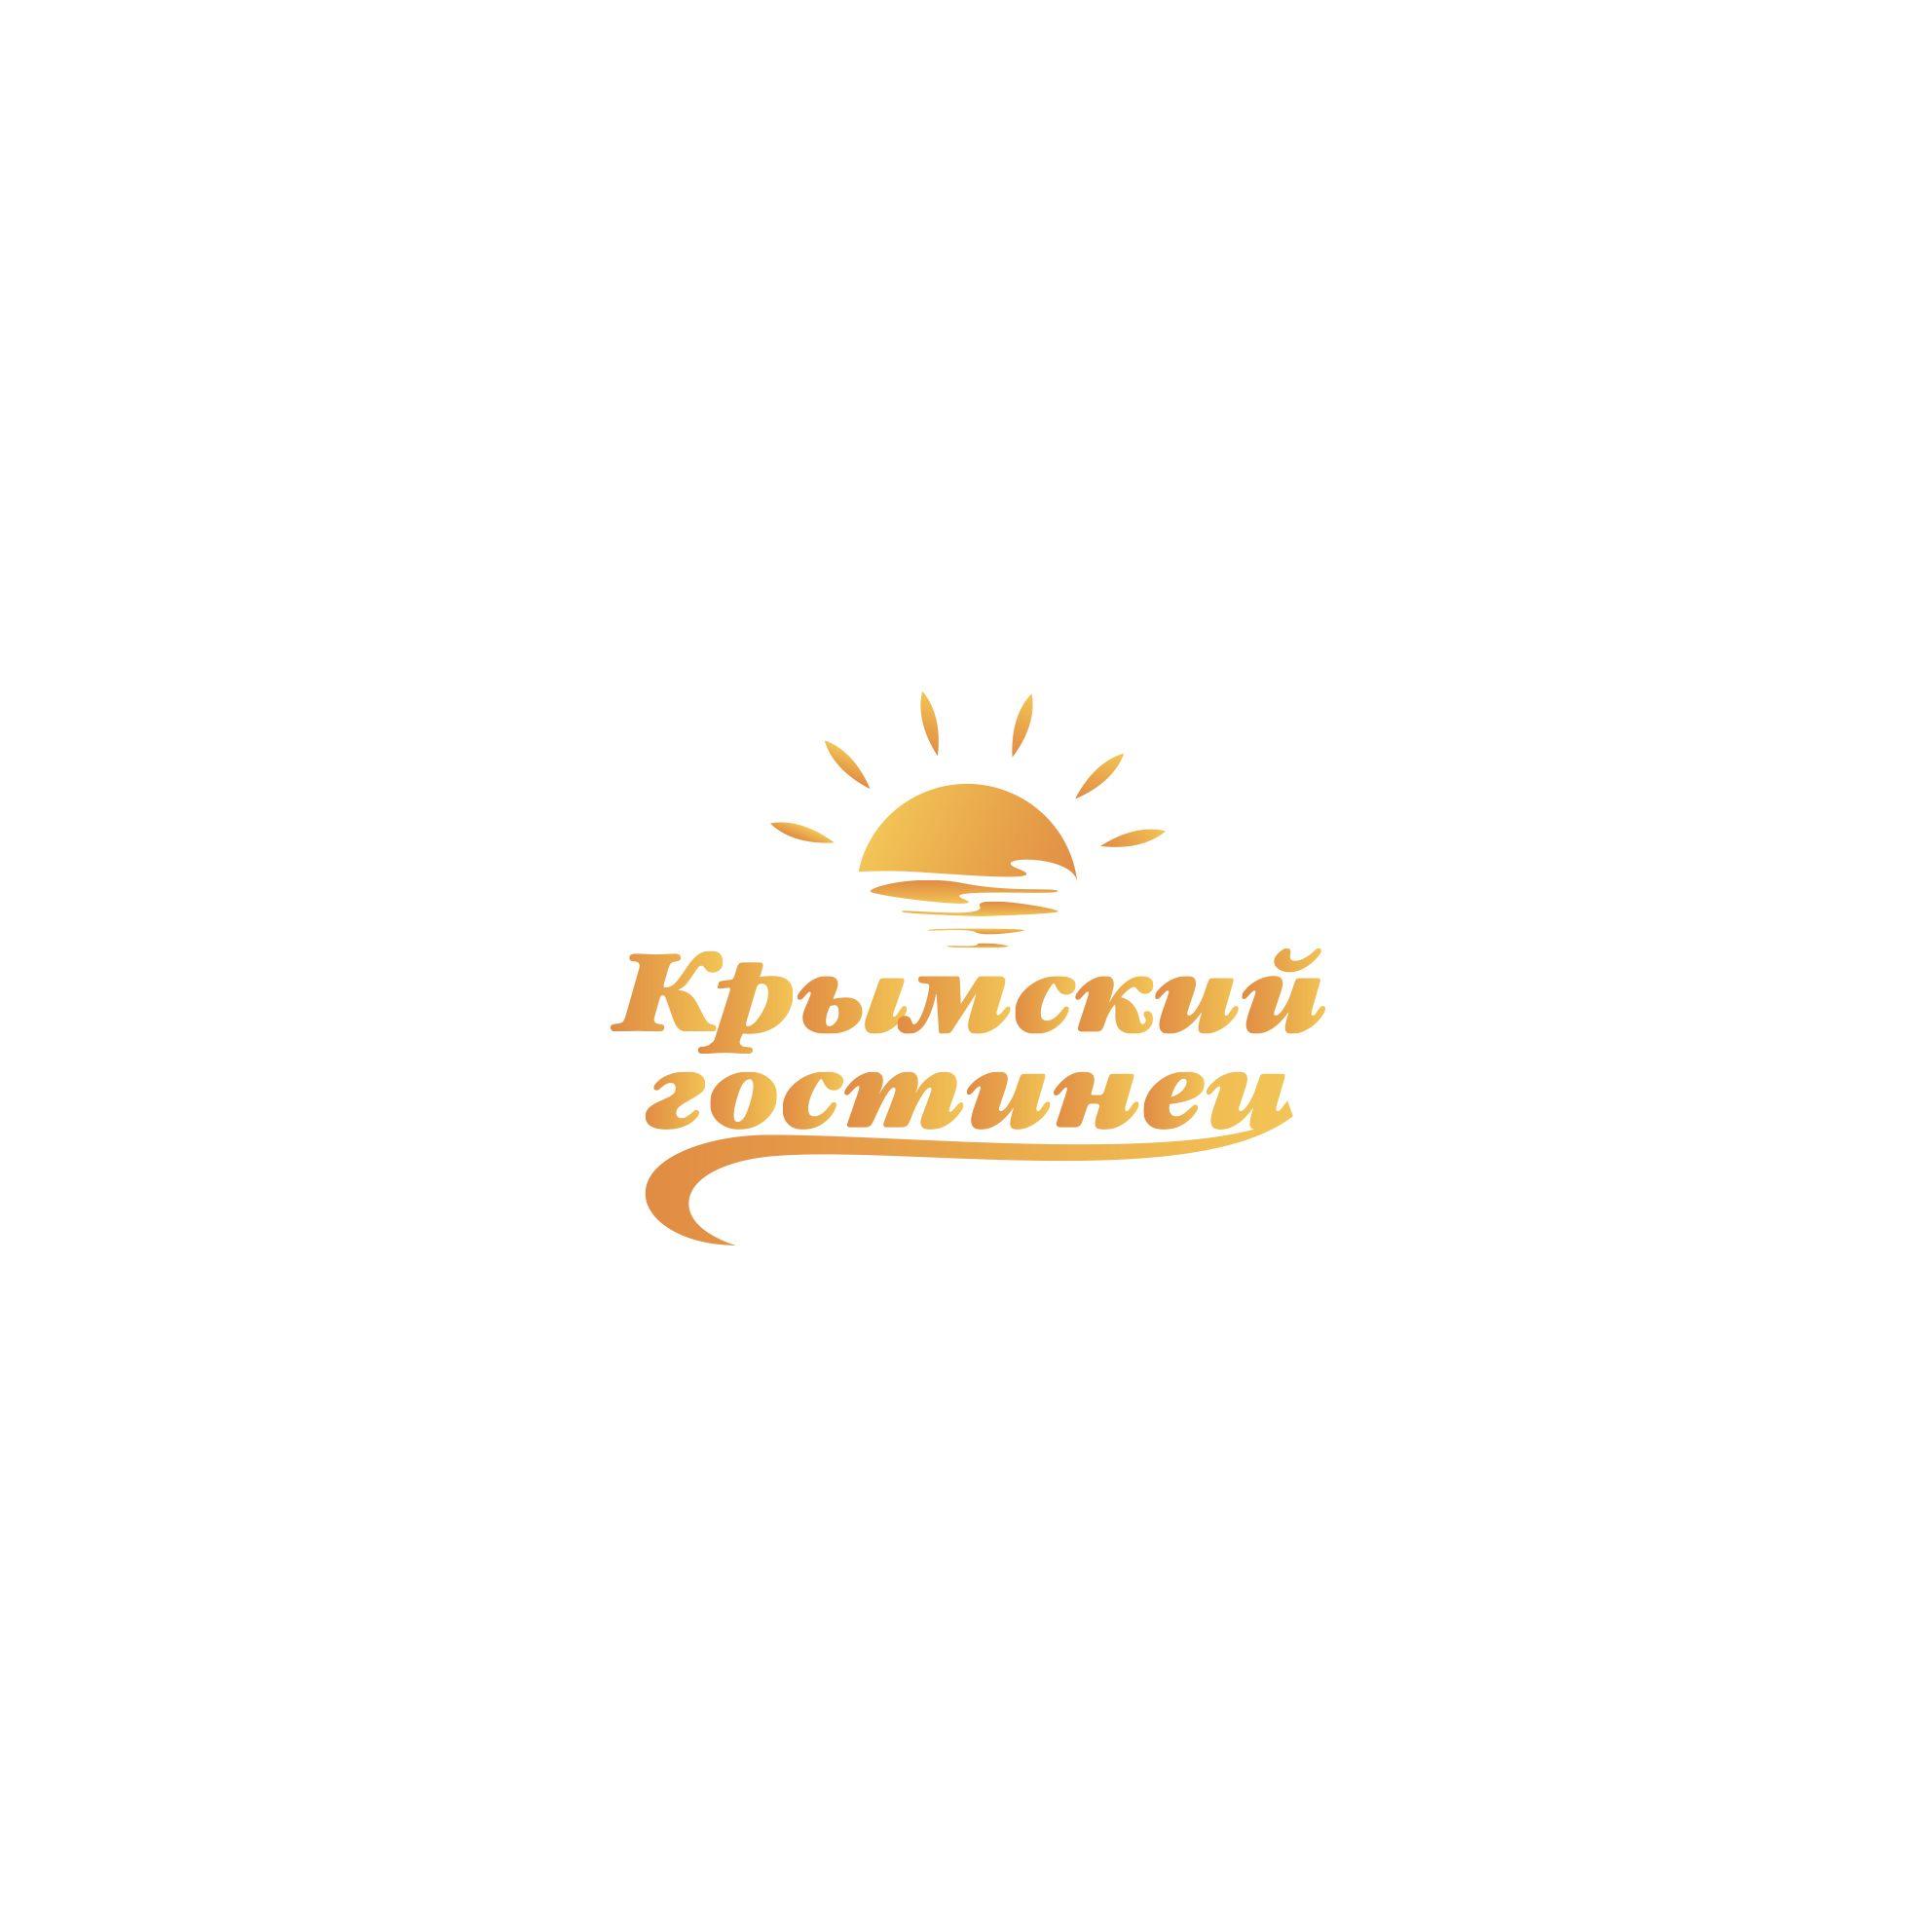 Логотип и ФС для компании Крымский гостинец - дизайнер mkravchenko